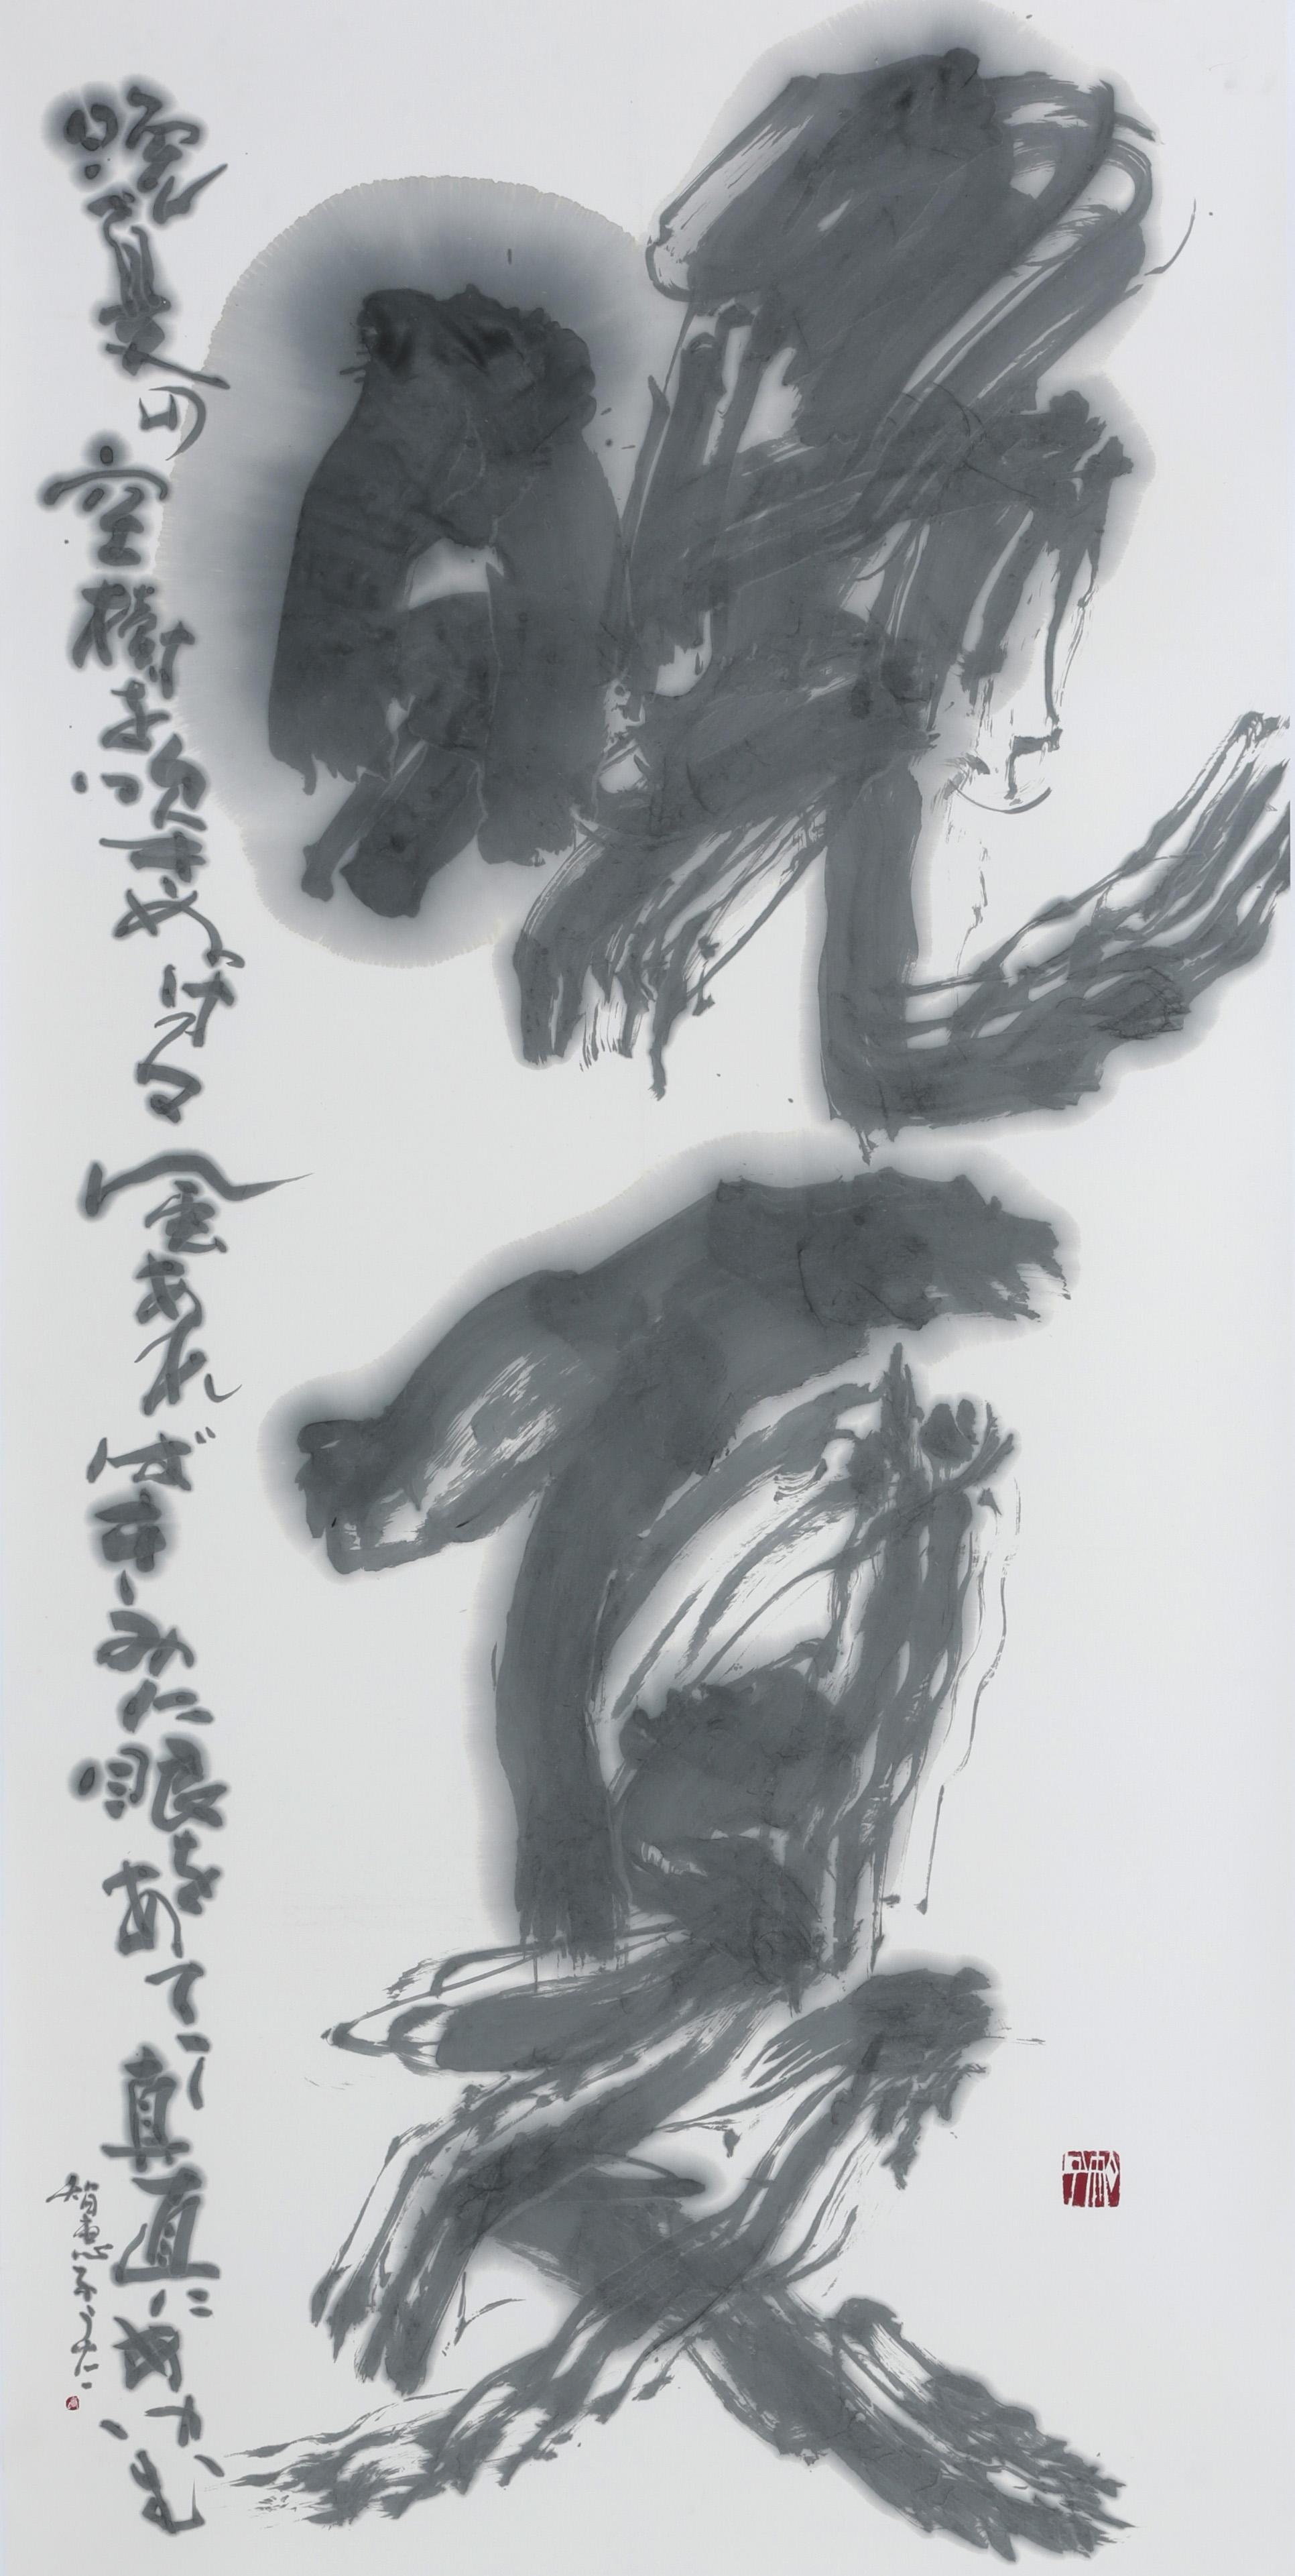 第35回記念産経国際書展出品作品「晩夏」(縦180×横90センチ)